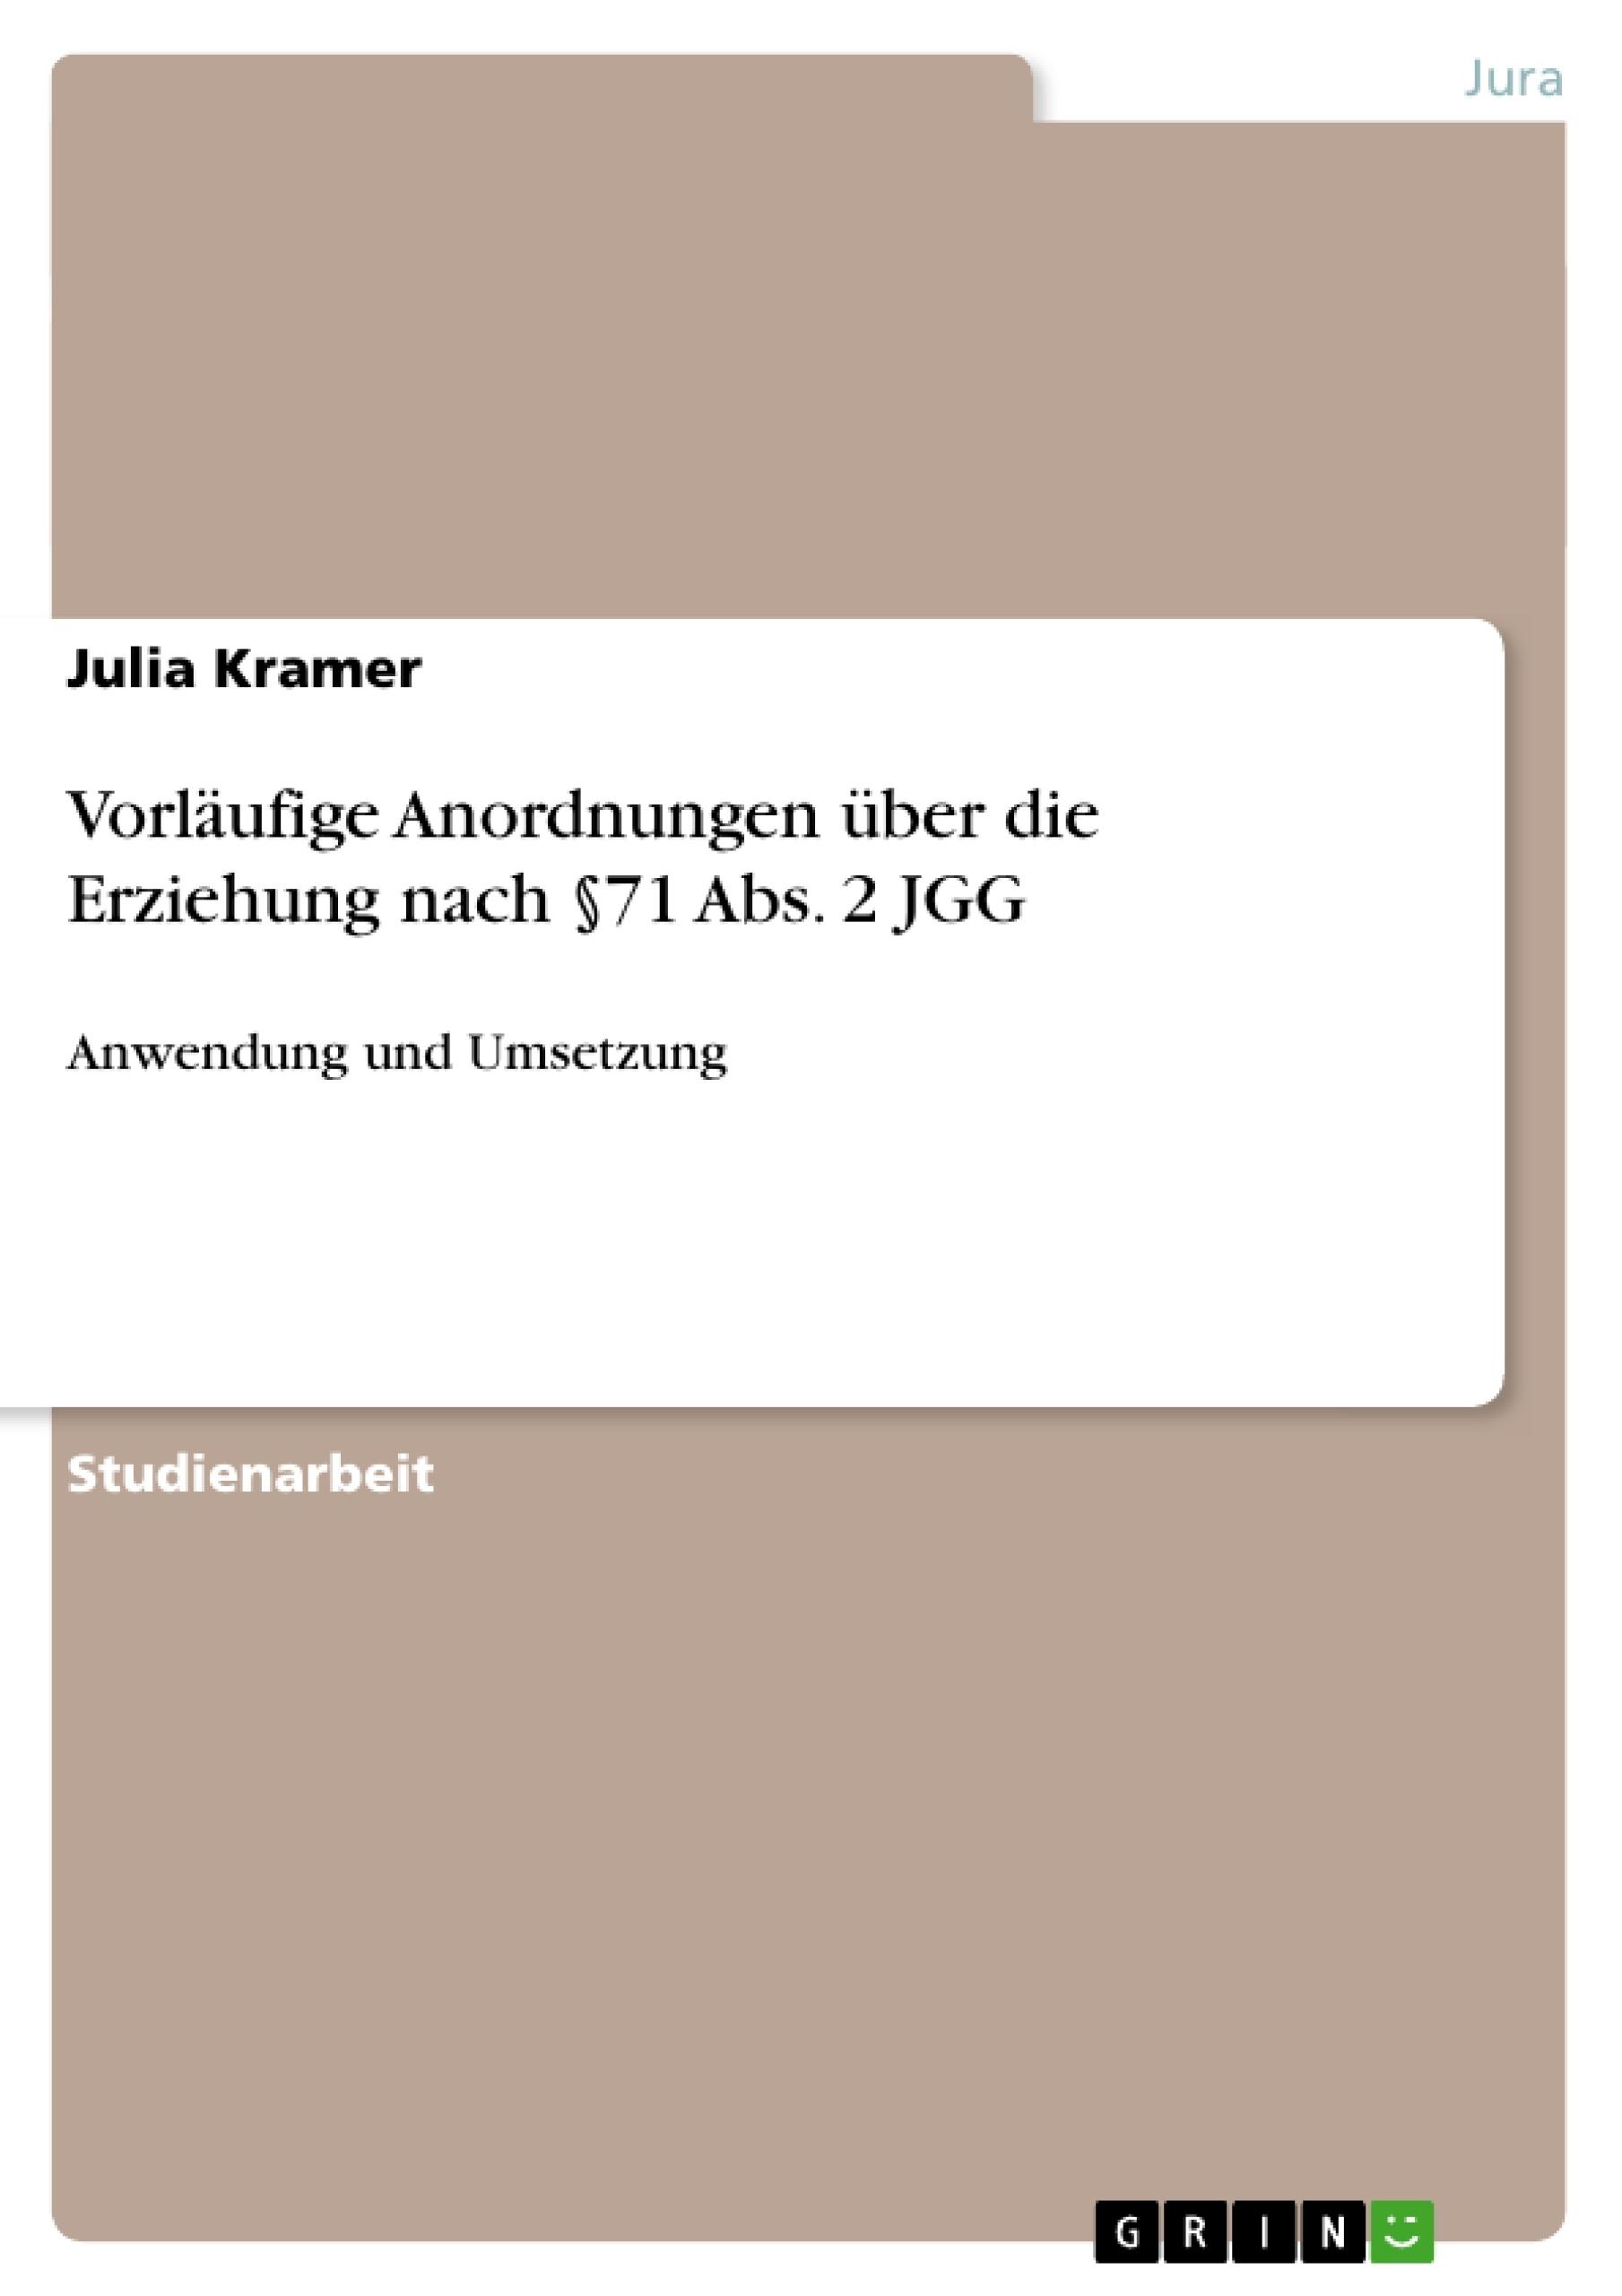 Titel: Vorläufige Anordnungen über die Erziehung nach §71 Abs. 2 JGG